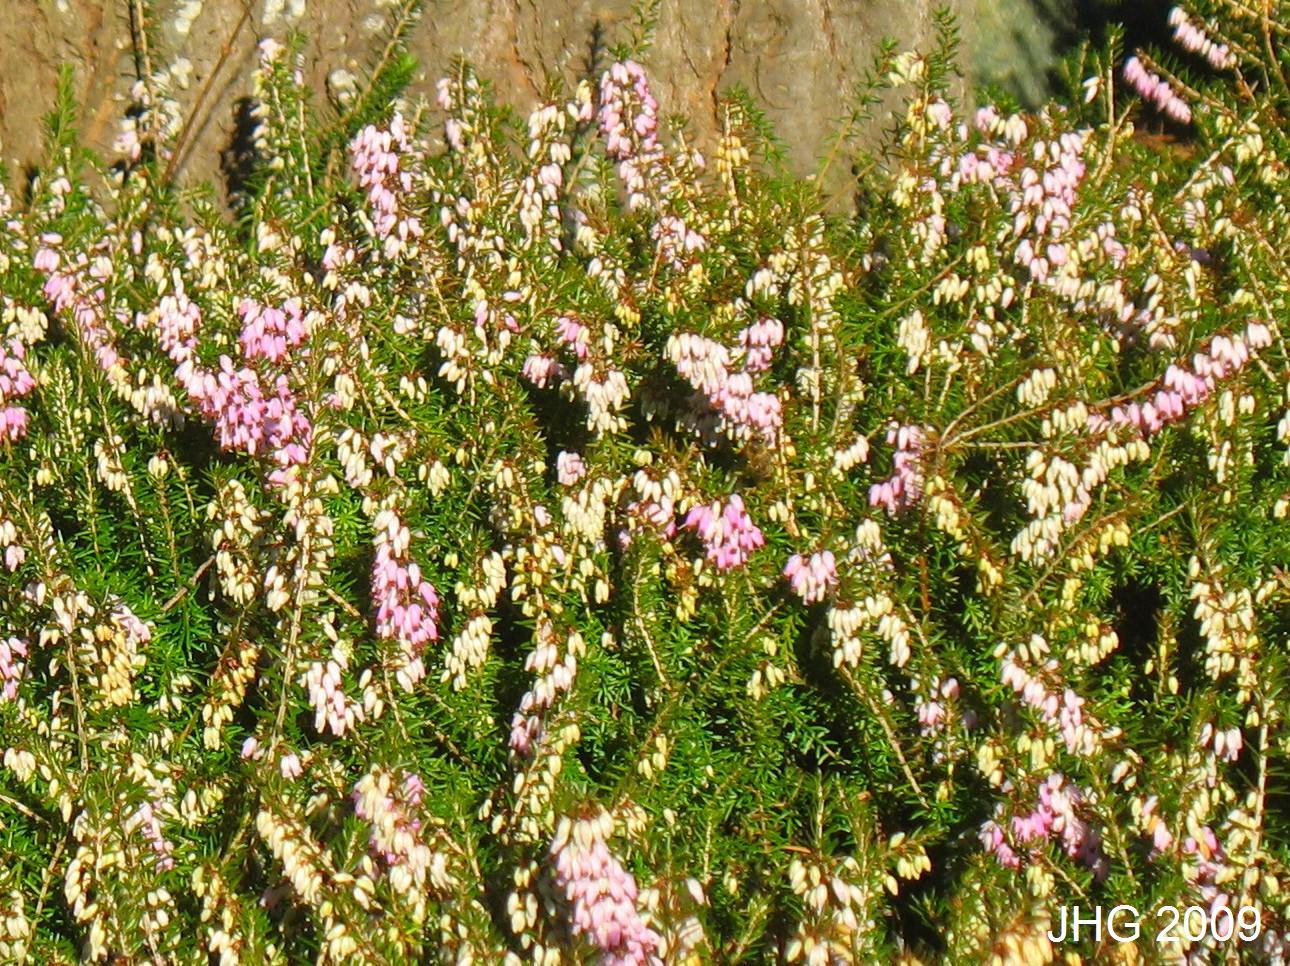 Flower and foliage fo Erica carnea Isobel